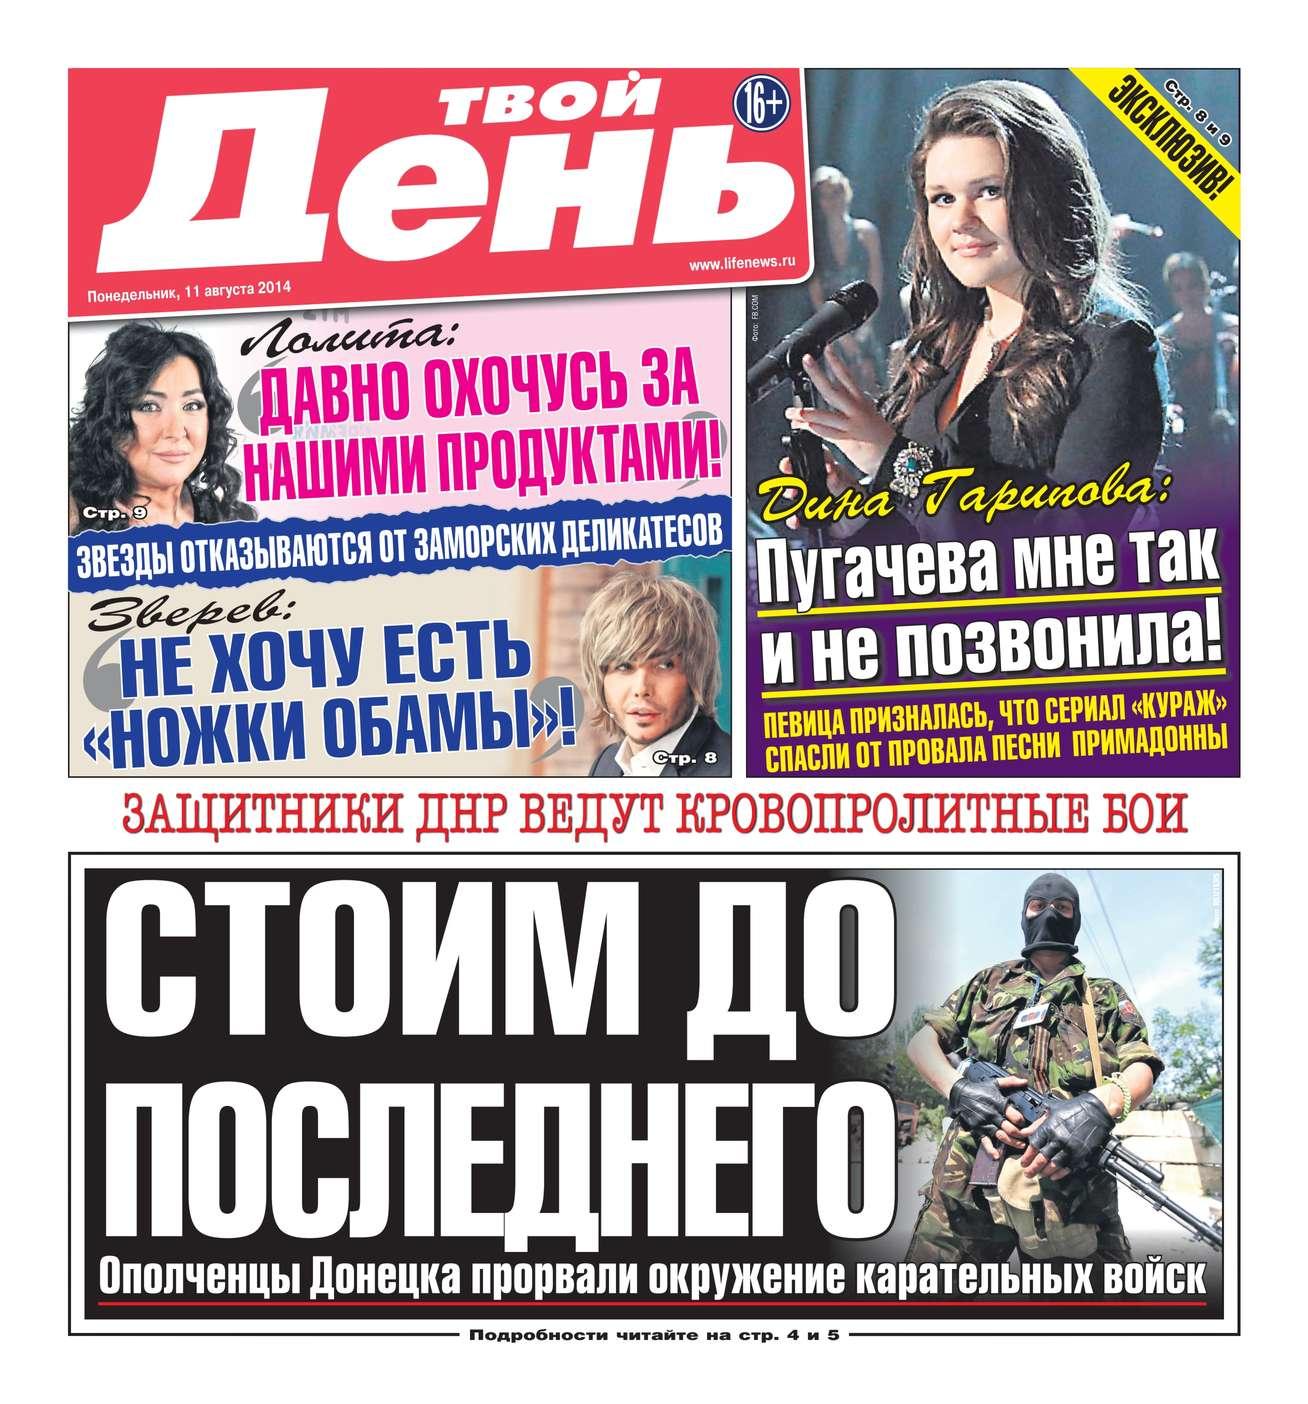 Редакция газеты Твой день Твой день 174-2014